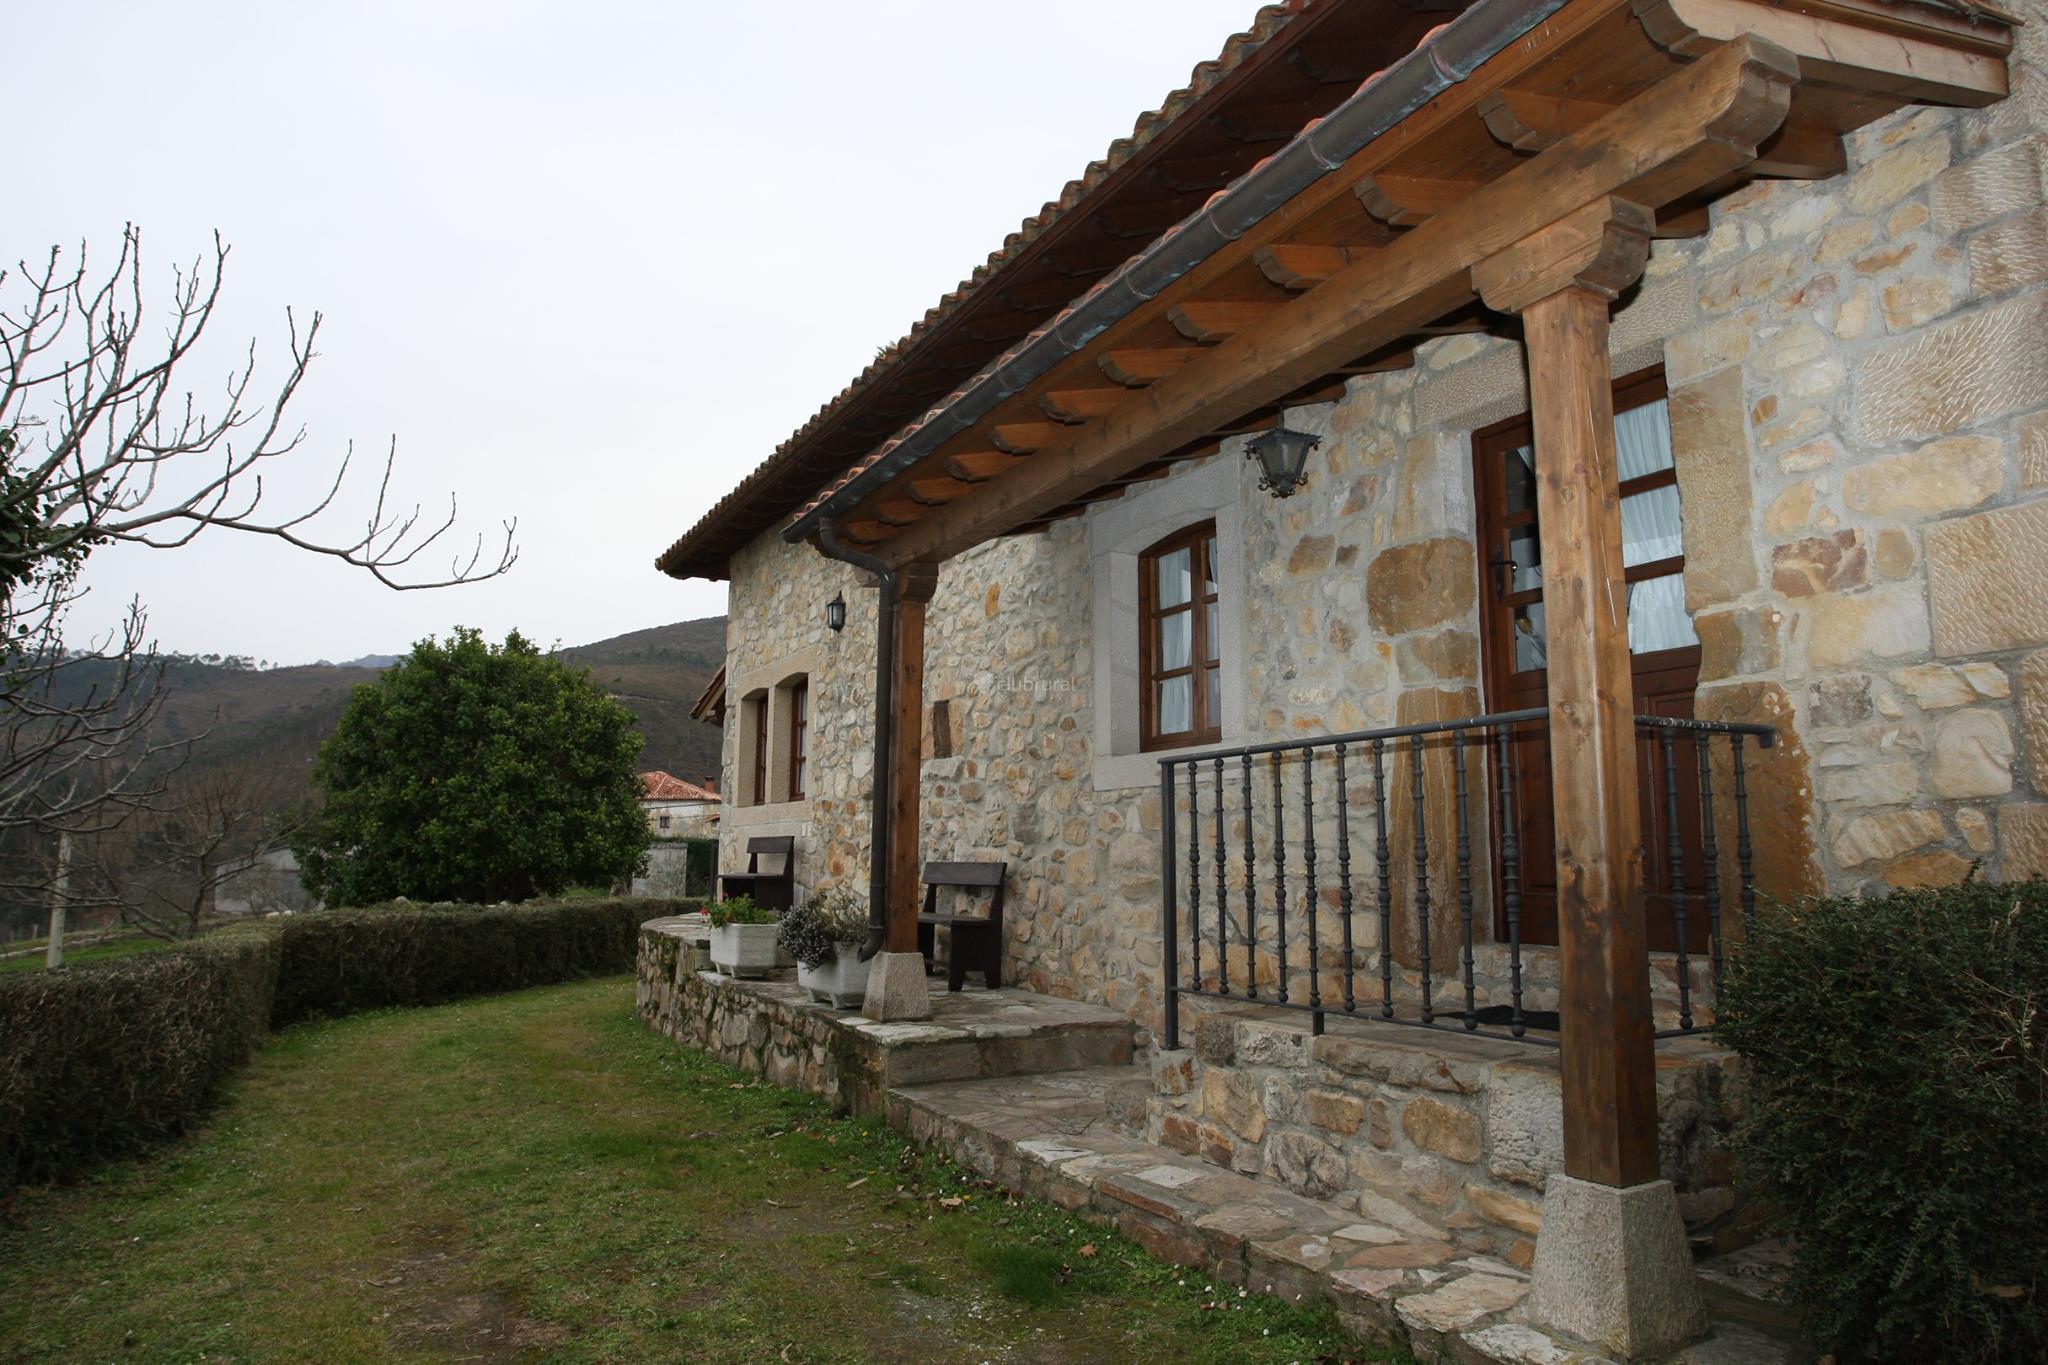 Fotos de navariegu asturias ribadesella clubrural - Fotos casas rurales ...